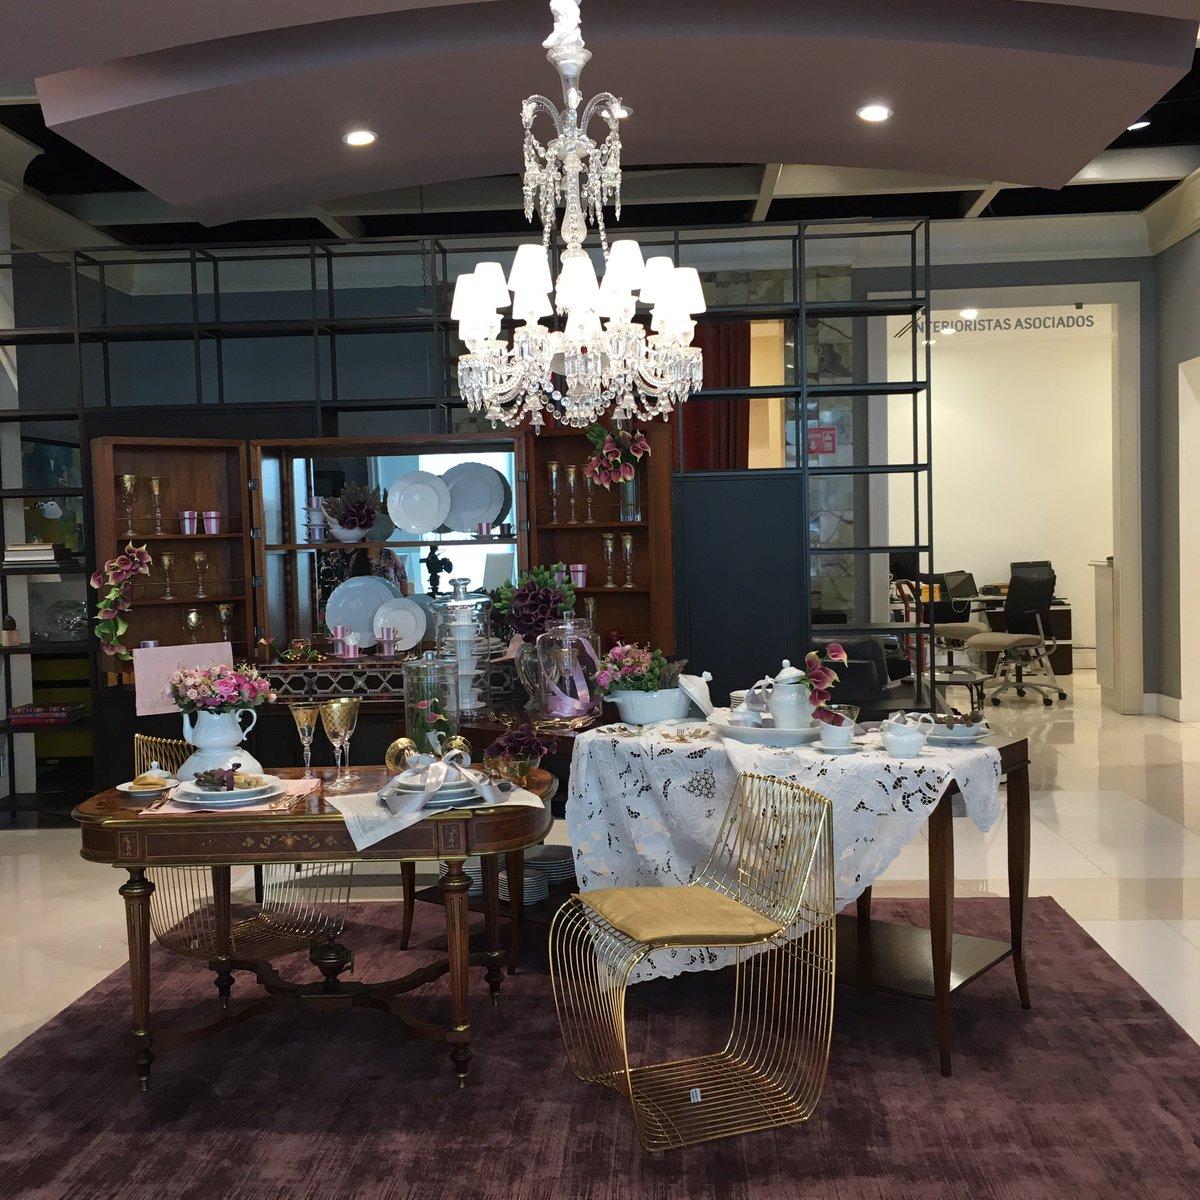 Terminando el montaje de mesa en Casa Palacio Antara con la vajilla Vecchio Ginori! #diseño #design #interiors https://t.co/toBDENAo6h